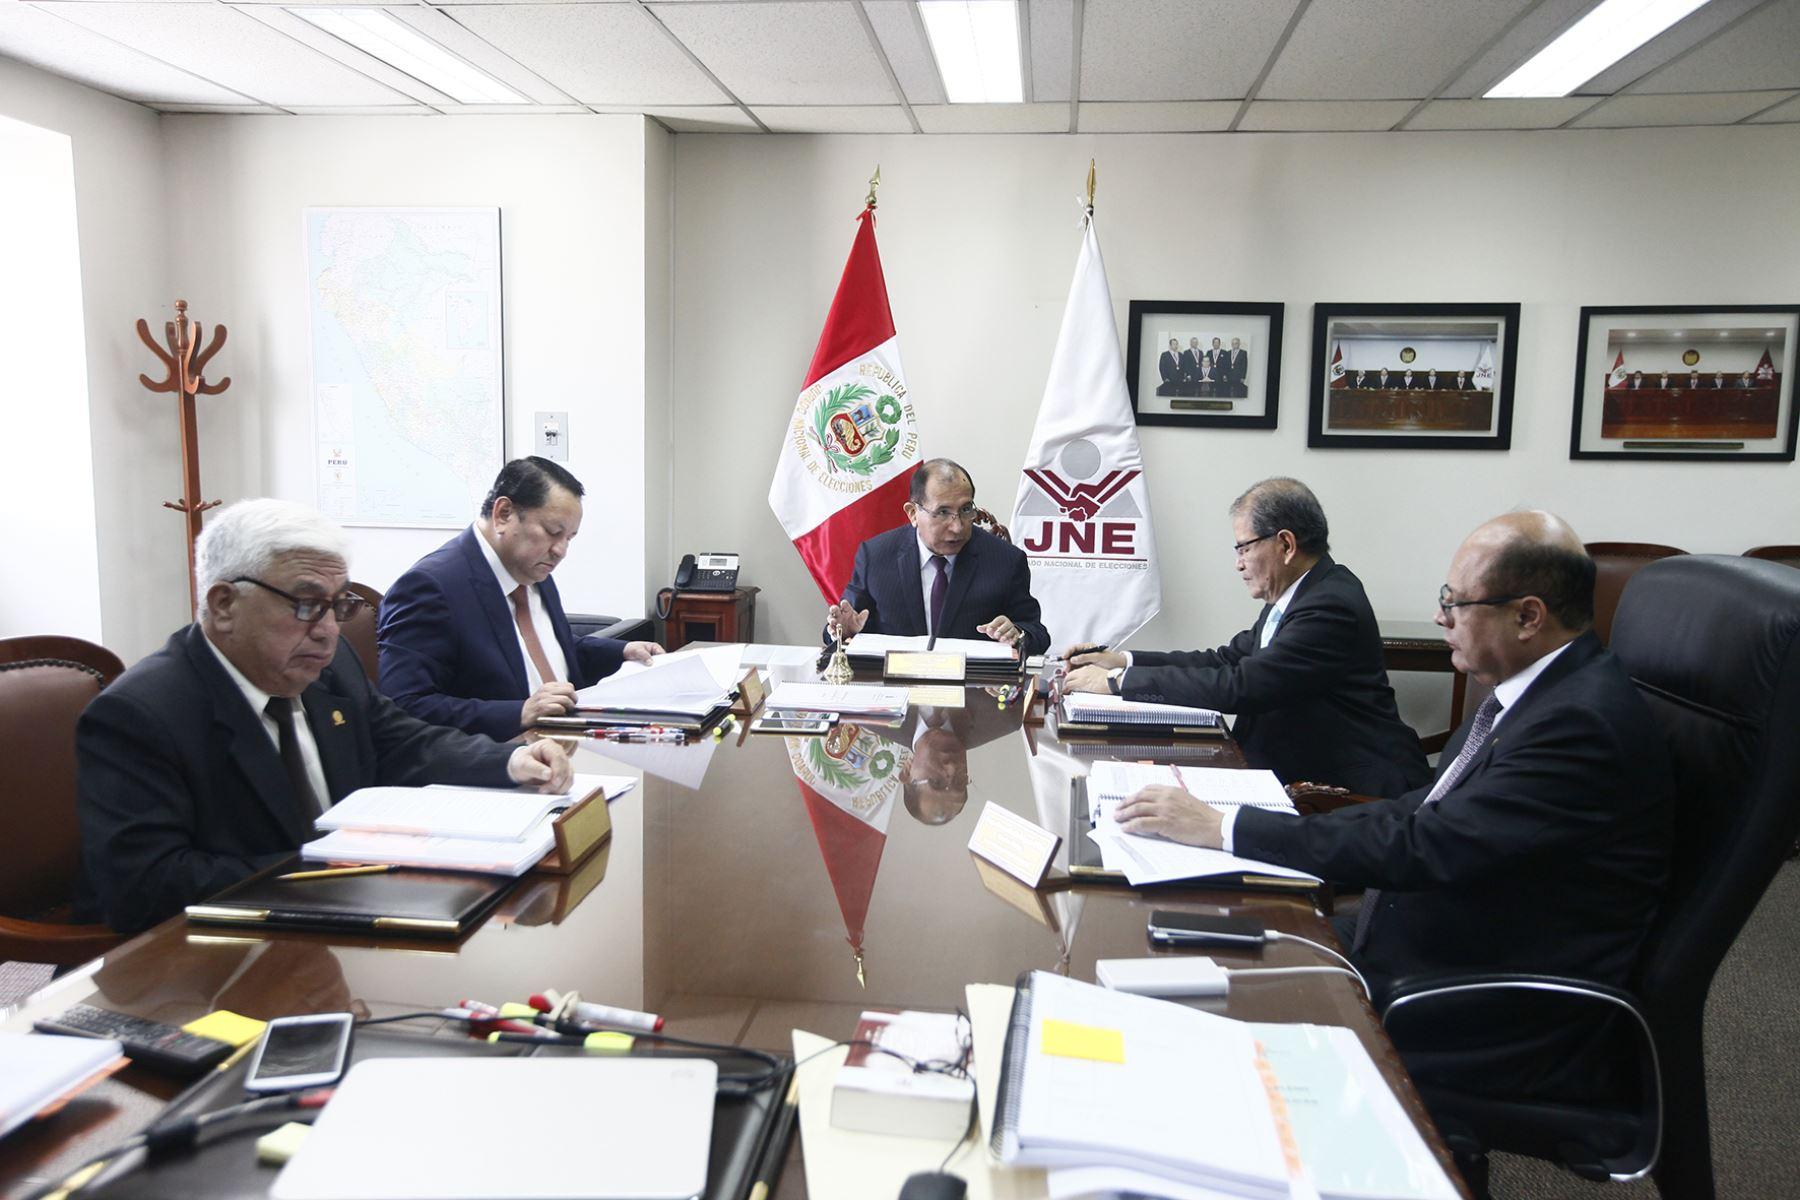 Pleno del JNE pidió a los Jurados Electorales Especiales resolver con celeridad las actas observadas. ANDINA/Difusión